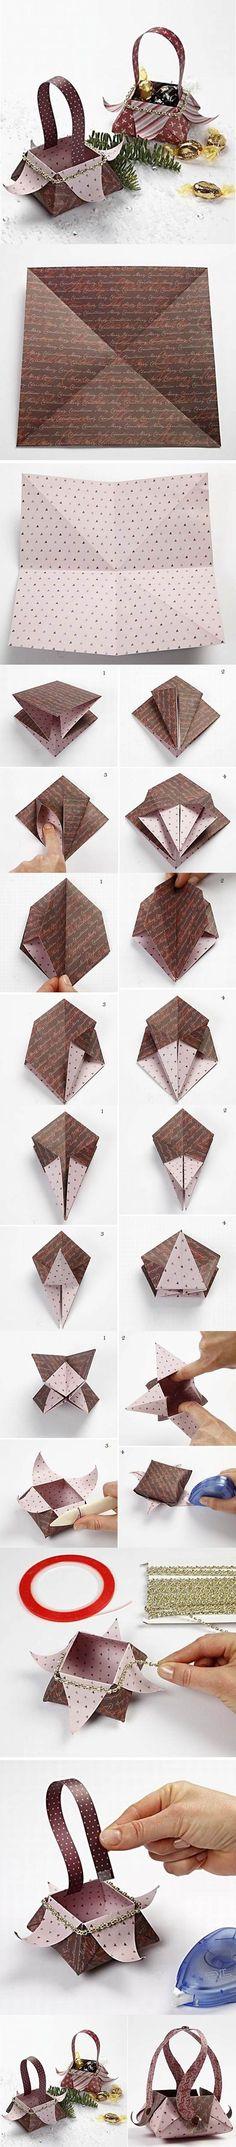 DIY Beautiful Origami Gift Basket   iCreativeIdeas.com Follow Us on Facebook --> https://www.facebook.com/icreativeideas